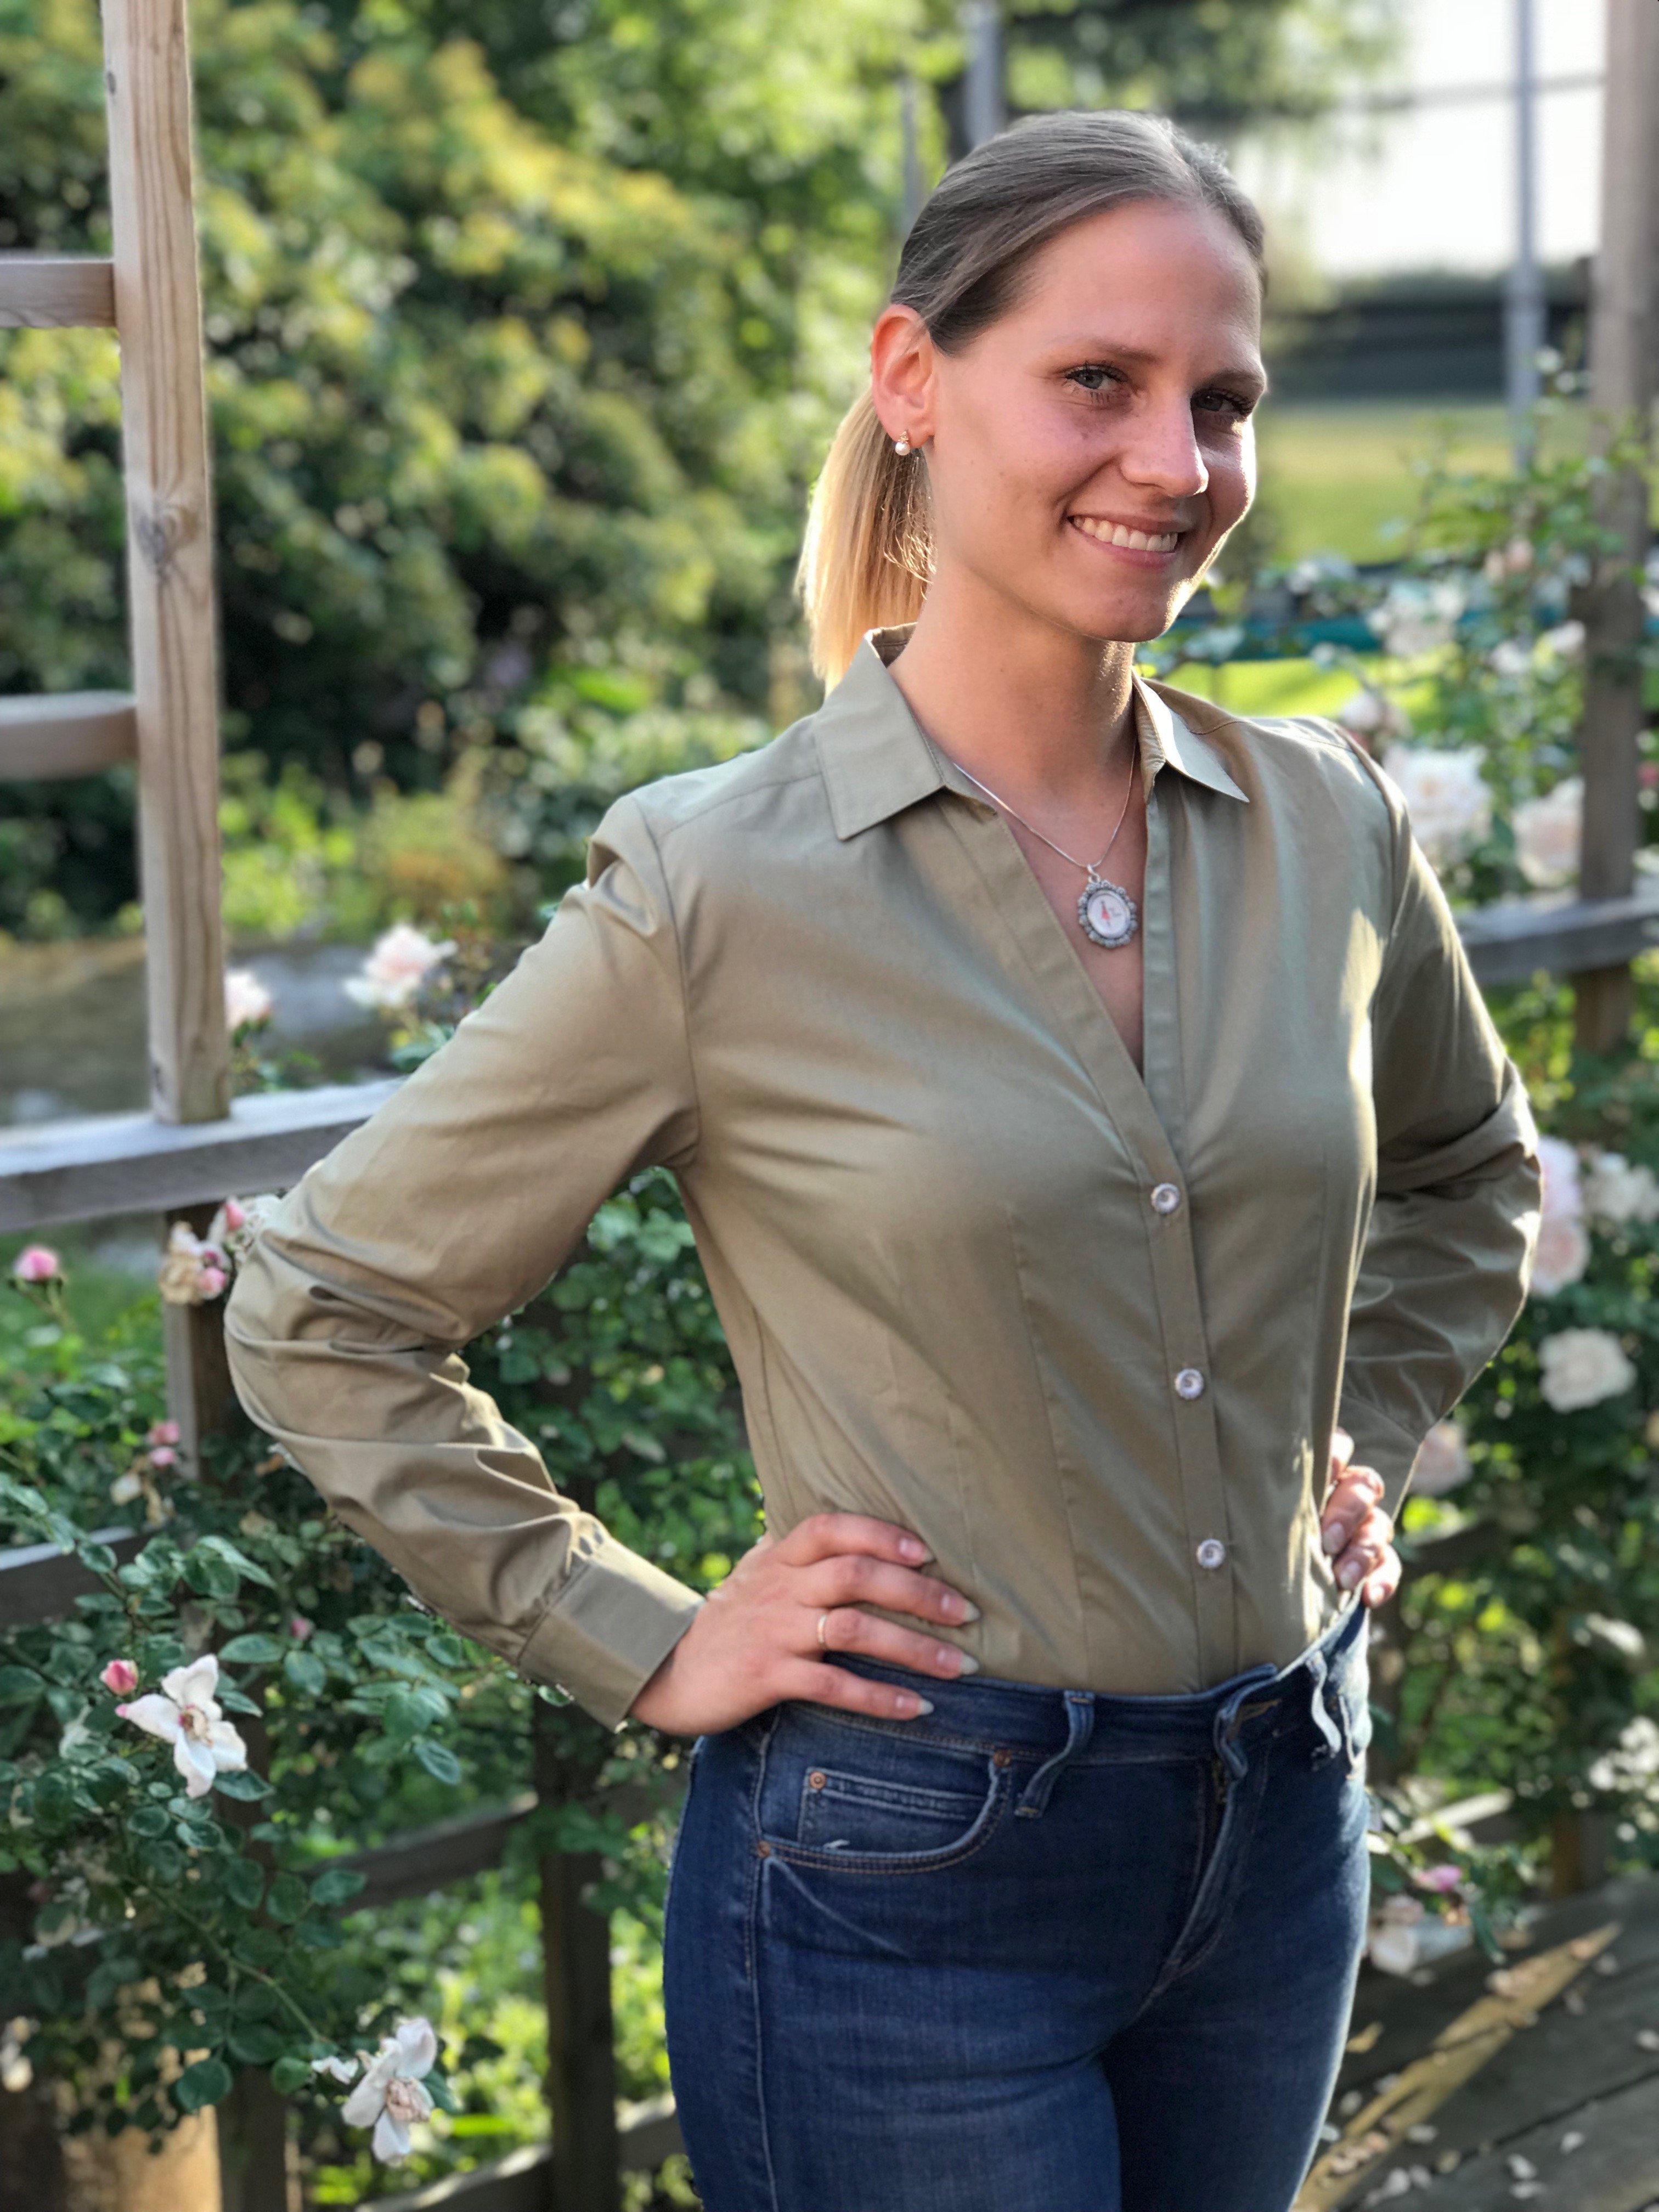 Skjortan Lina mossgrön i 100% GOTS bomull. Söta metallknappar. Bild framifrån med skjortan instoppad i byxor. Storlek 36.